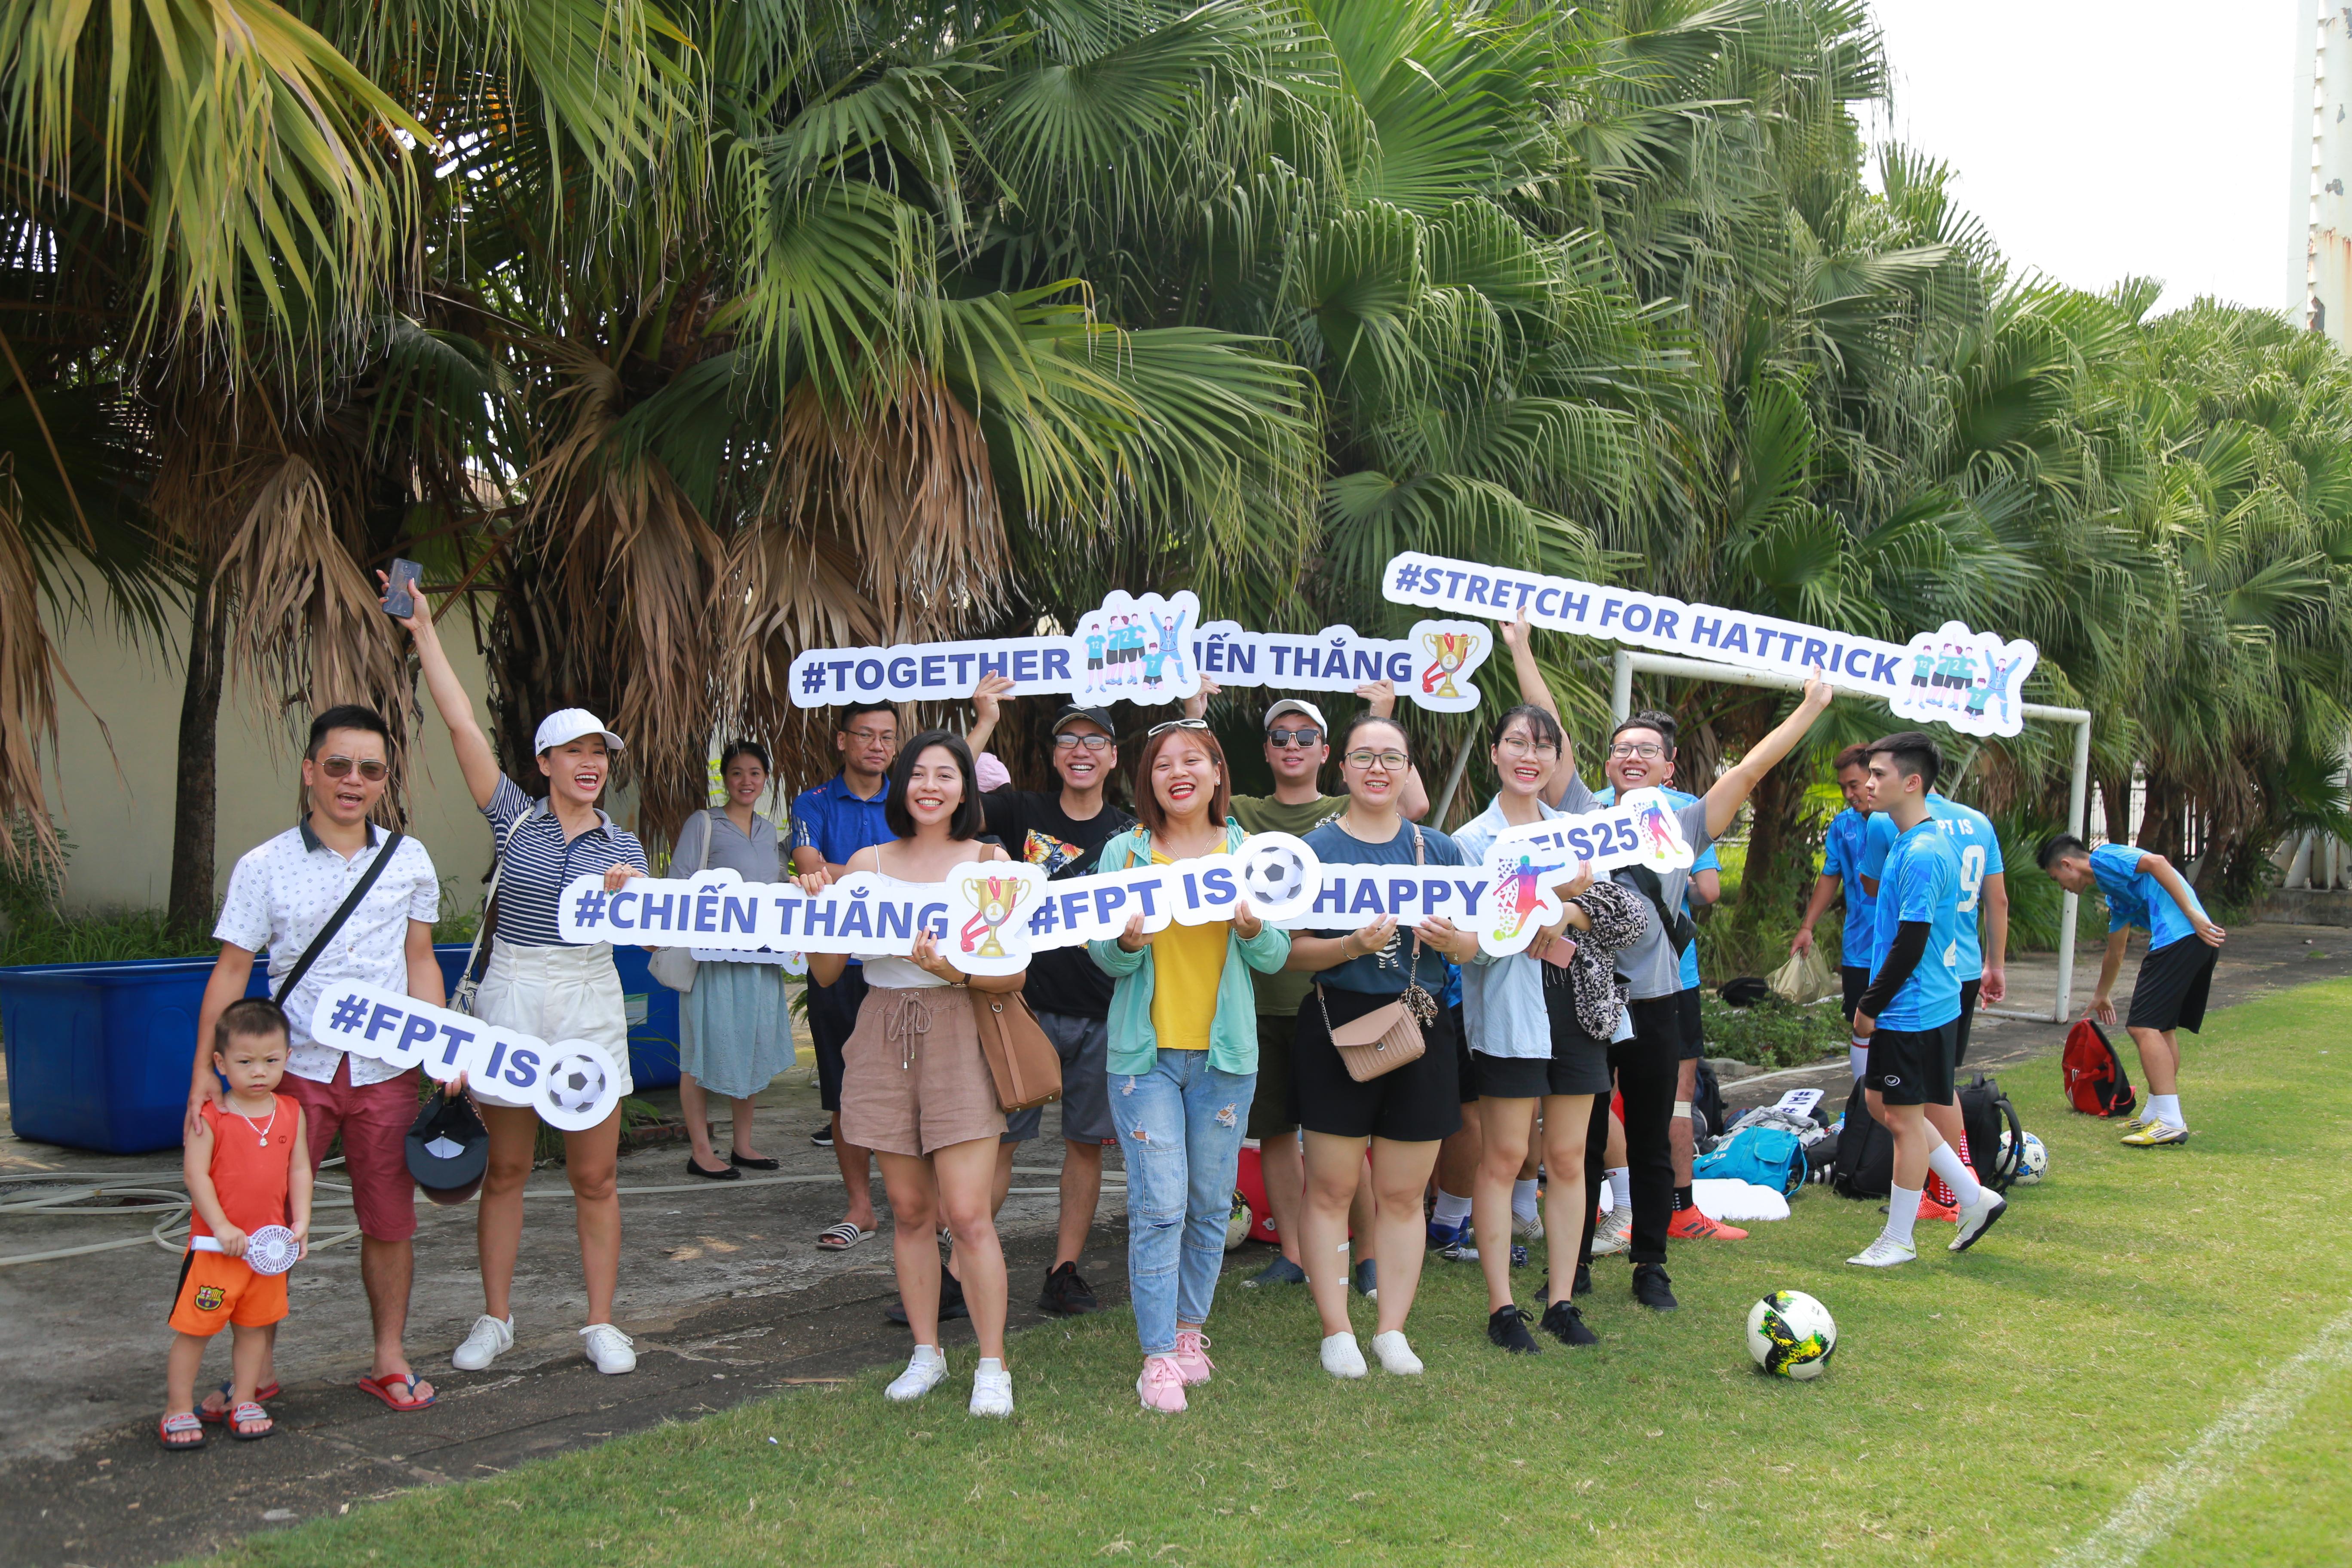 Đội cổ vũ mang tính chuyên nghiệp của FPT IS với các câu khẩu hiệu thể hiện tinh thần quyết tâm của nhà Hệ thống trong việc giành chiếc Cup Vô địch FPT Cup 2019, nối tiếp thành công tại FPT Champiom League 2019 và chiến thắng thuyết phục tại giải Futsal FPT 2019. . Đồng hành cùng đội cổ vũ là chị Phùng Thanh Trang, Chánh Văn phòng Đoàn thể FPT IS.